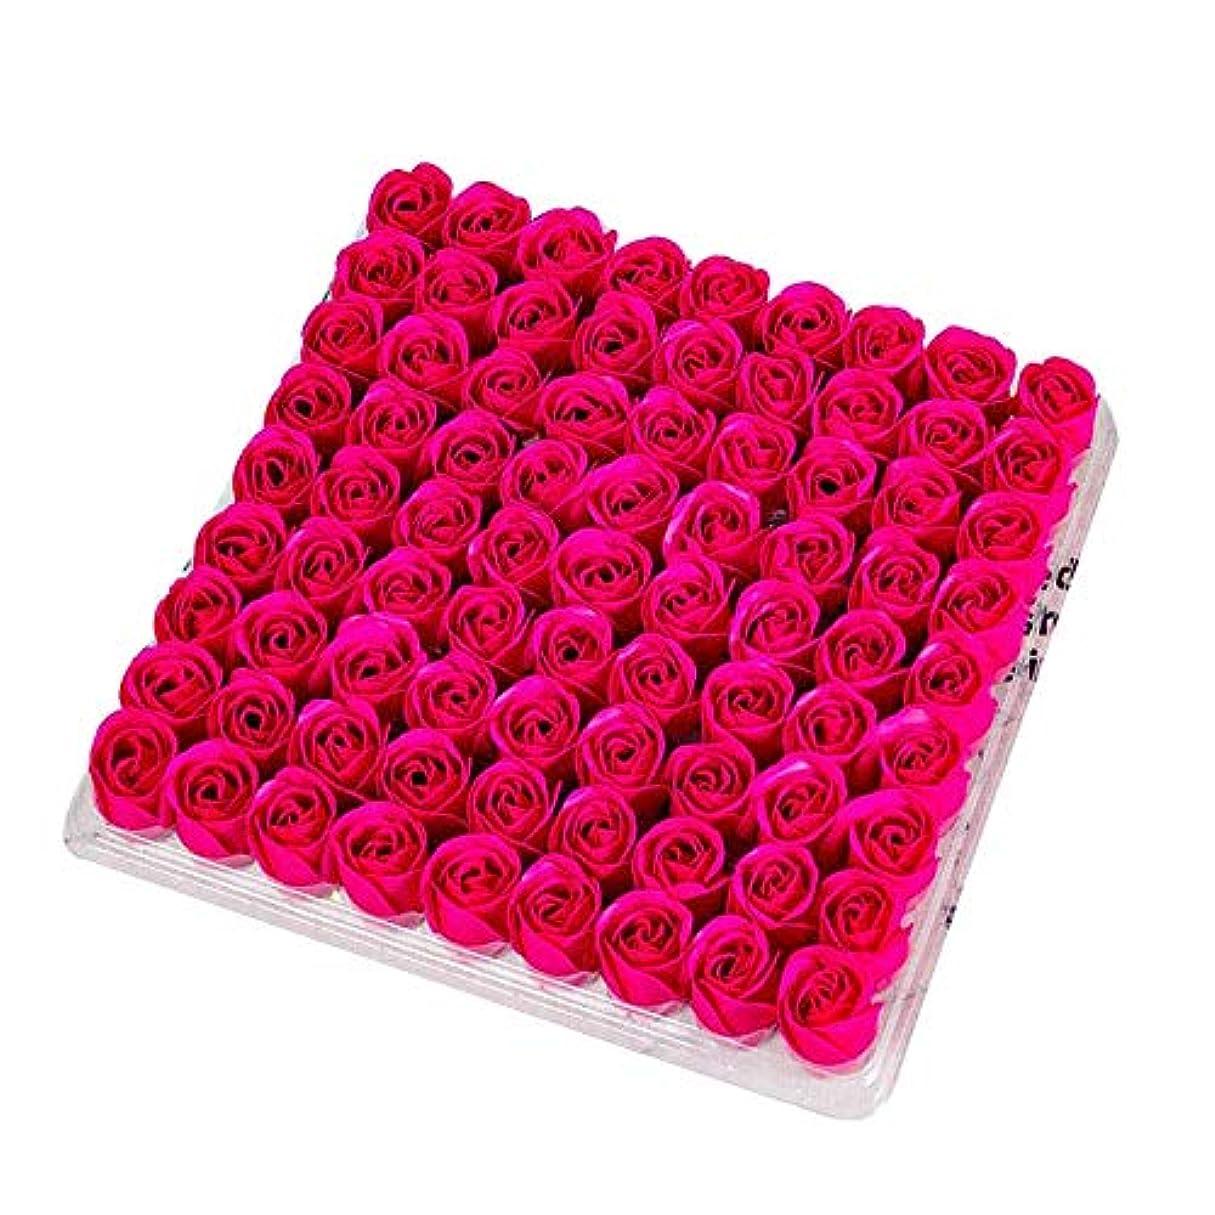 もの火薬スピーカーCUHAWUDBA 81個の薔薇、バス ボディ フラワー?フローラルの石けん 香りのよいローズフラワー エッセンシャルオイル フローラルのお客様への石鹸 ウェディング、パーティー、バレンタインデーの贈り物、薔薇、ローズレッド